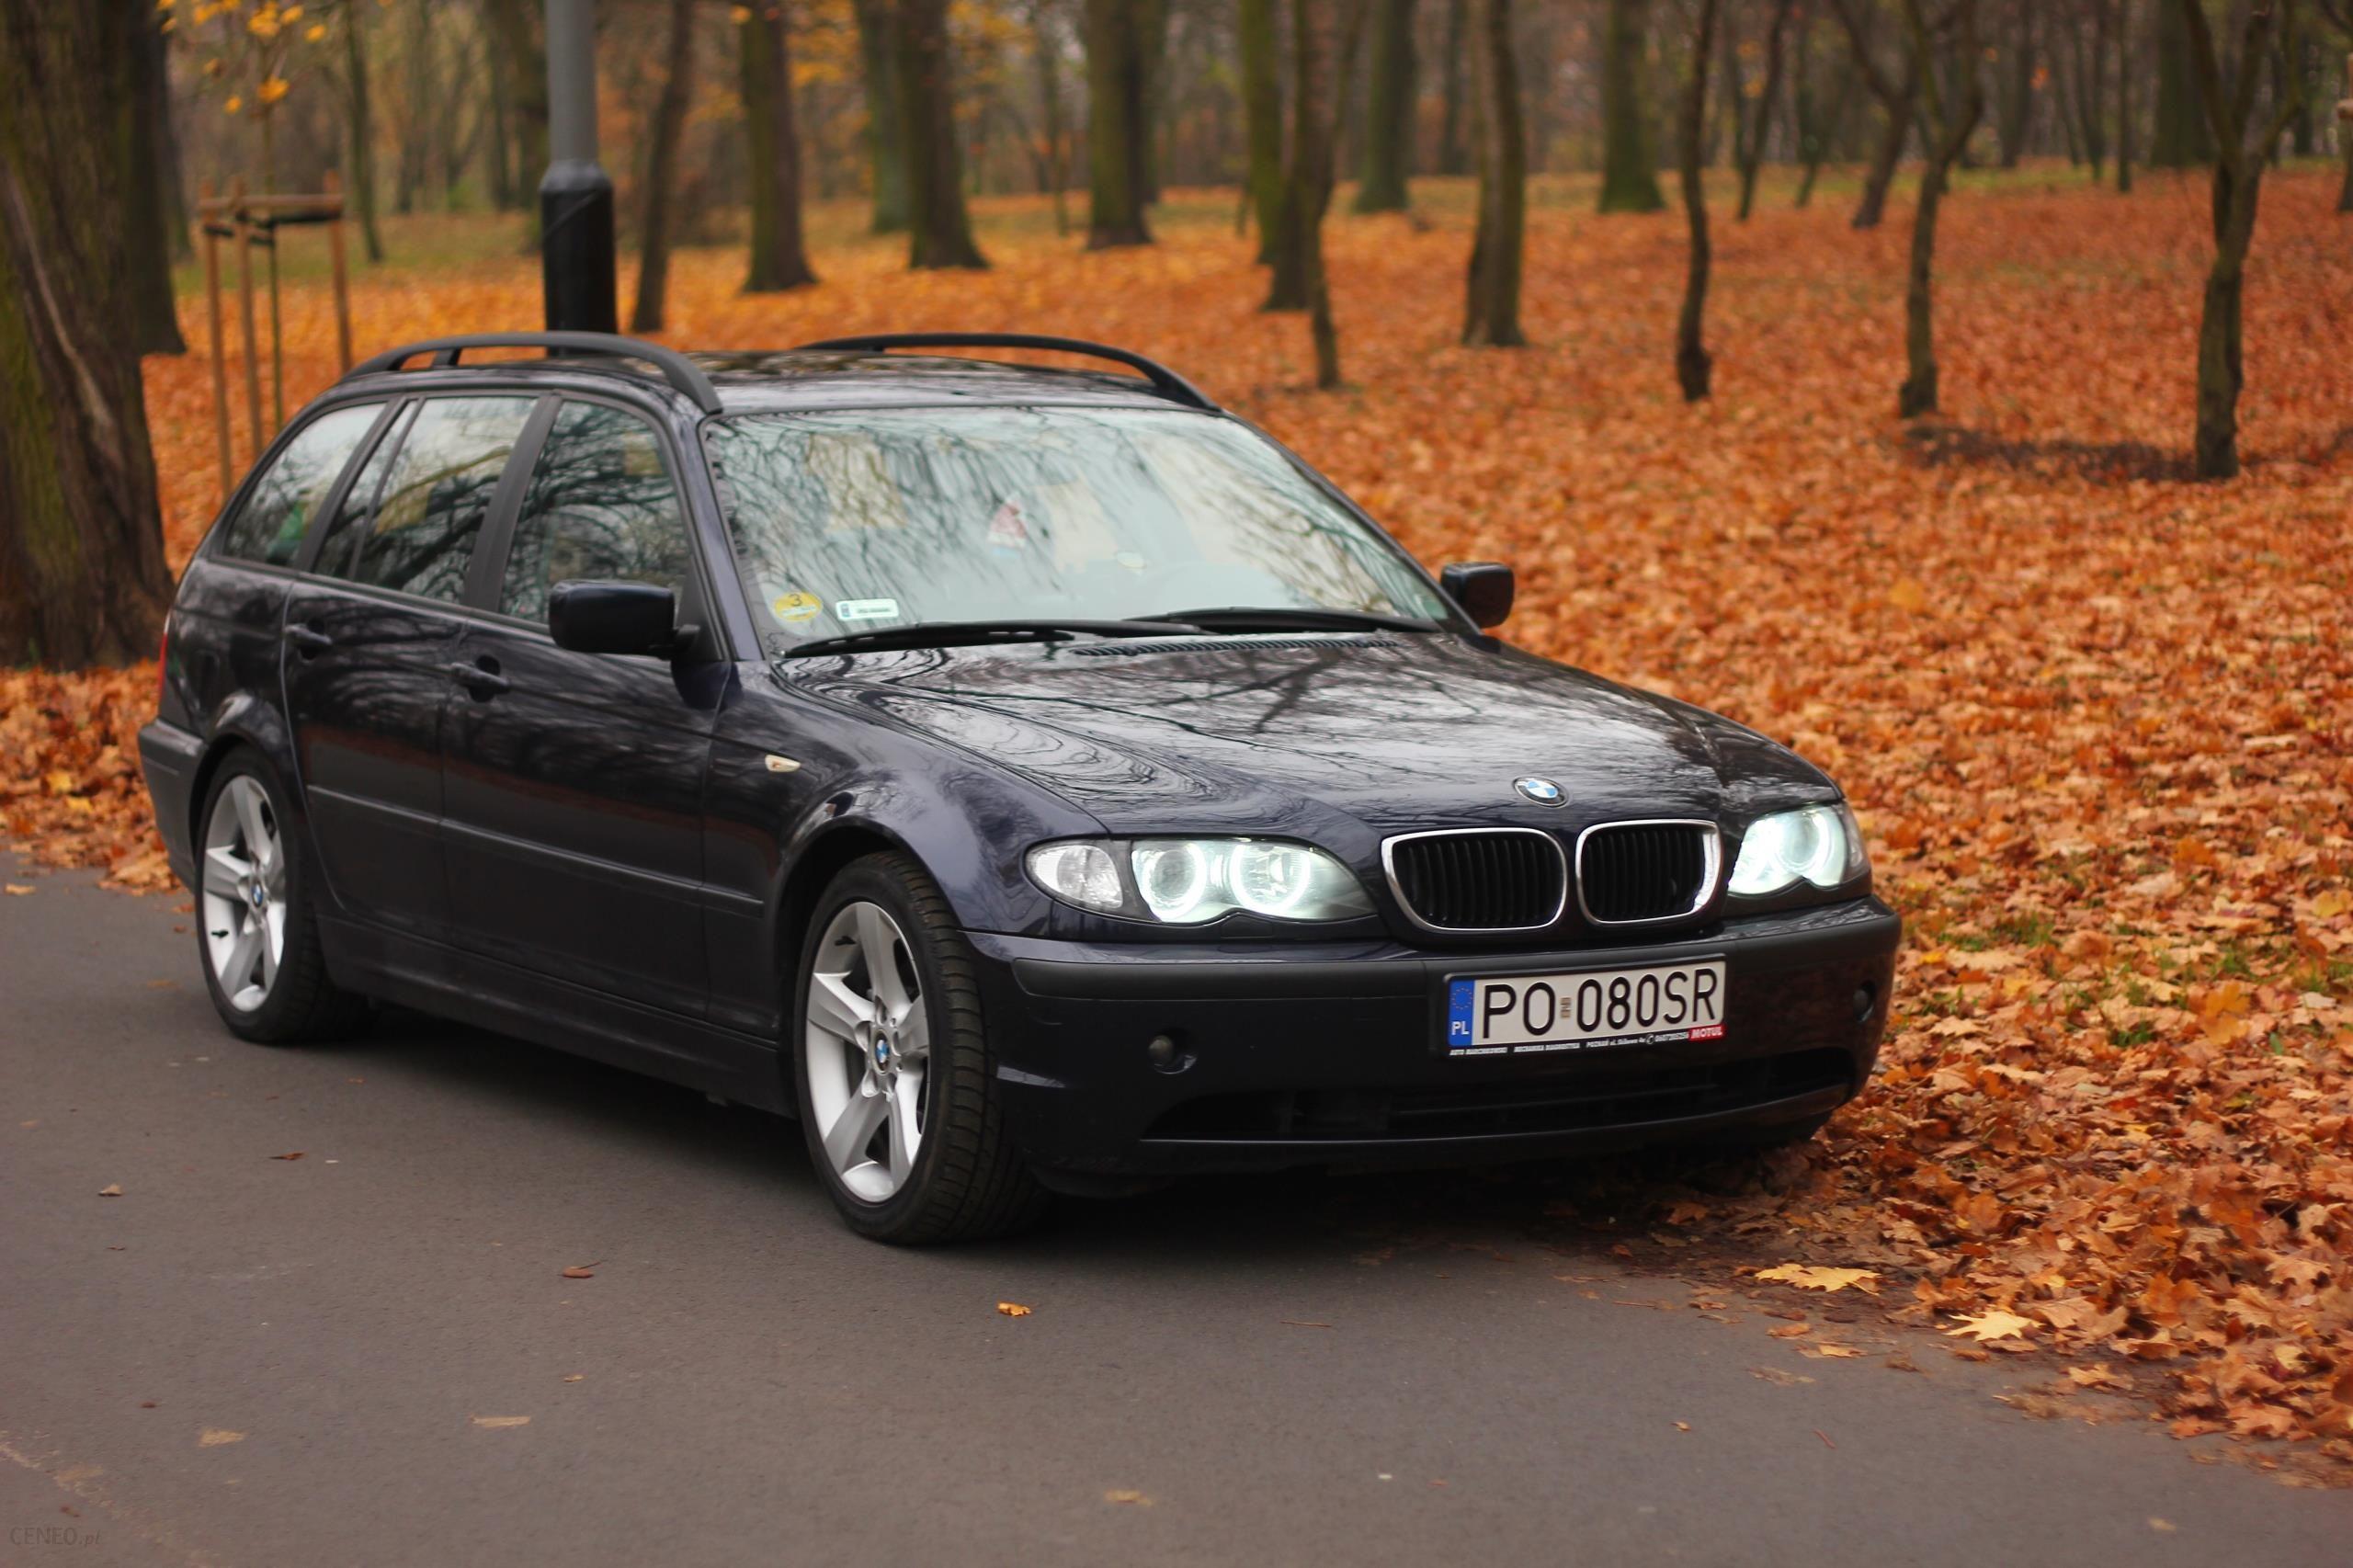 Sprzedam Bmw E46 Touring Opinie I Ceny Na Ceneo Pl